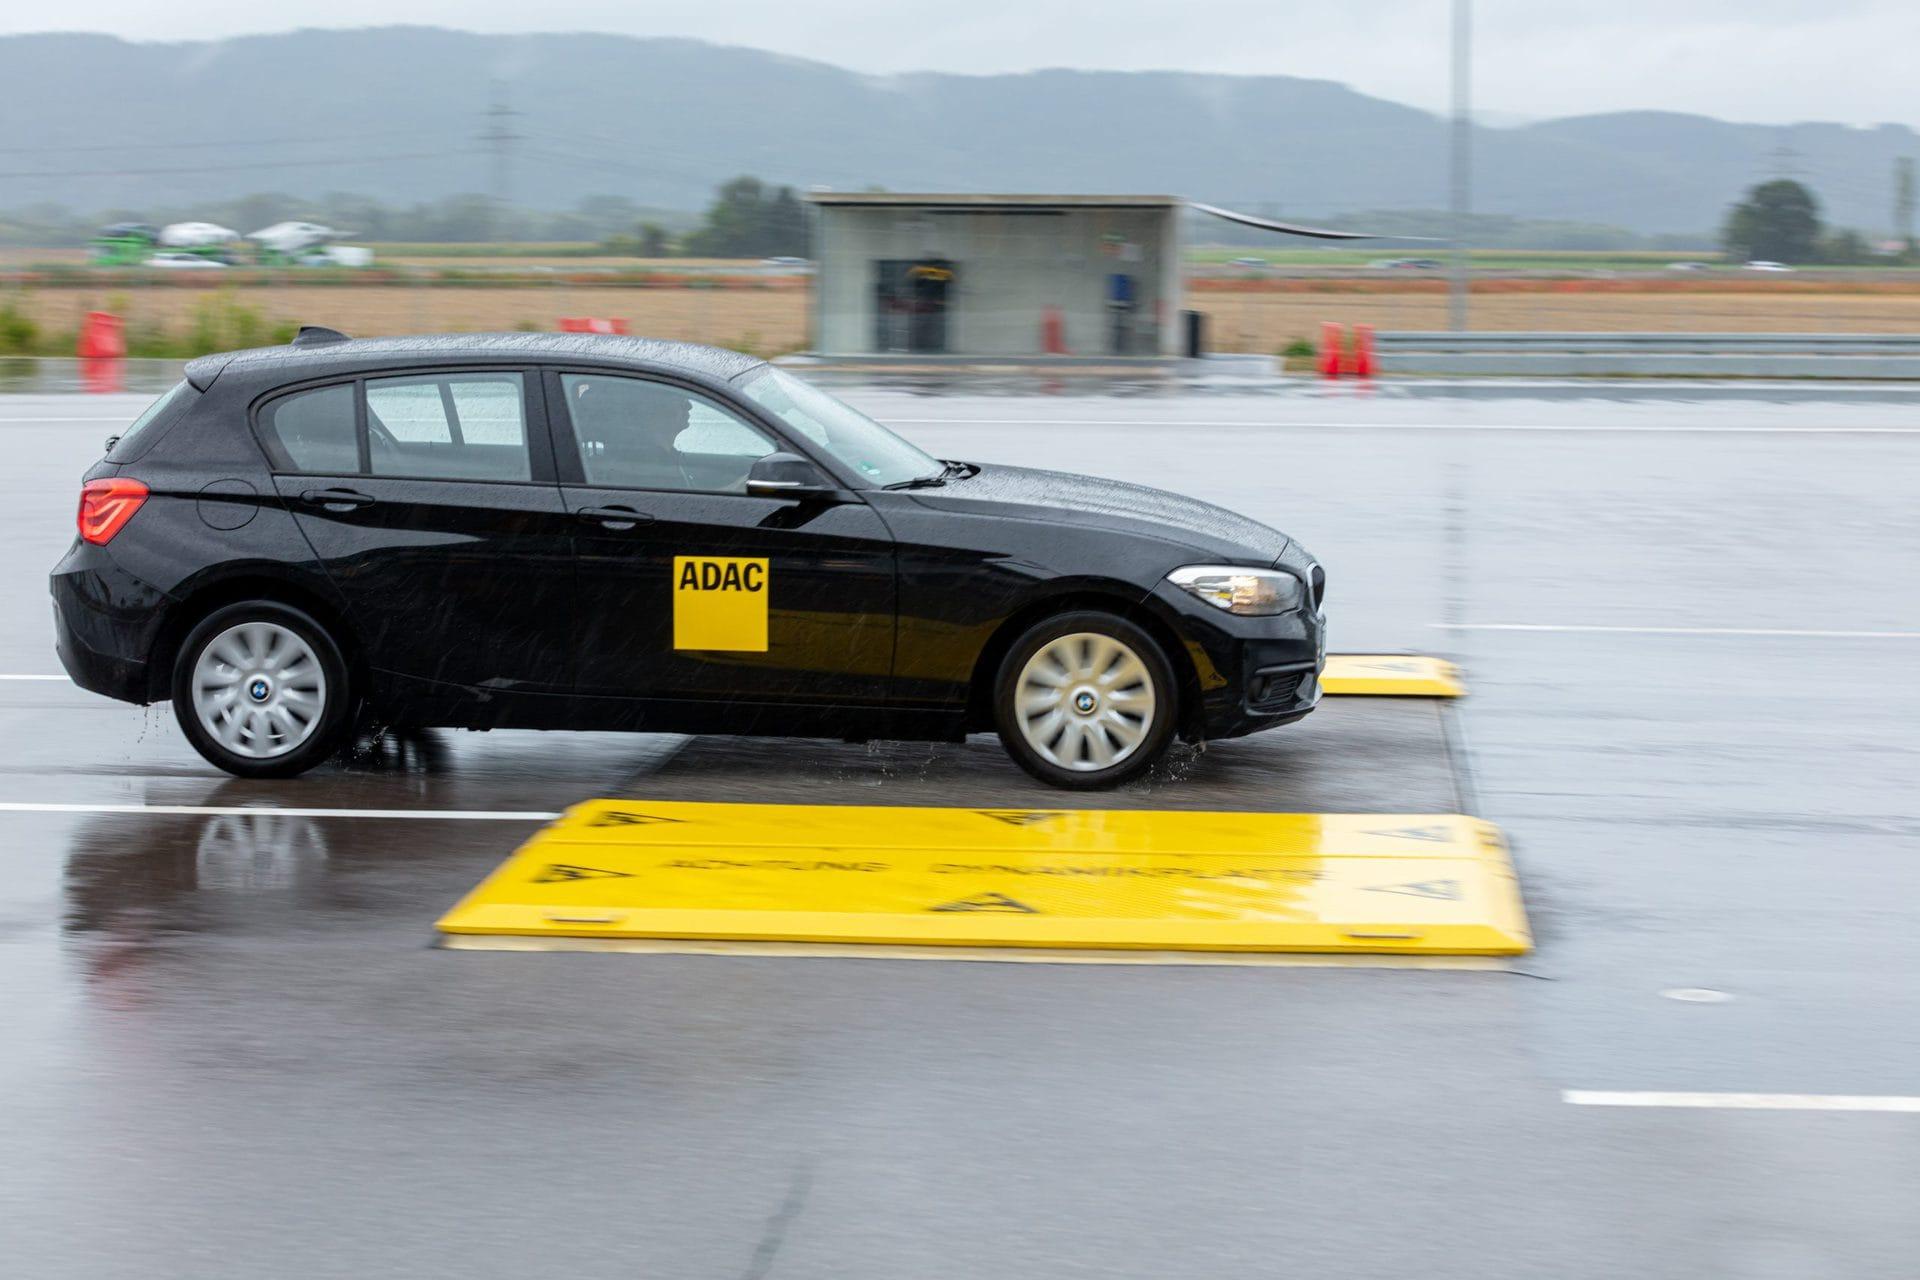 Sicher auf der Straße unterwegs Blizz verlost drei Gutscheine für ein ADAC-Fahrsicherheitstraining